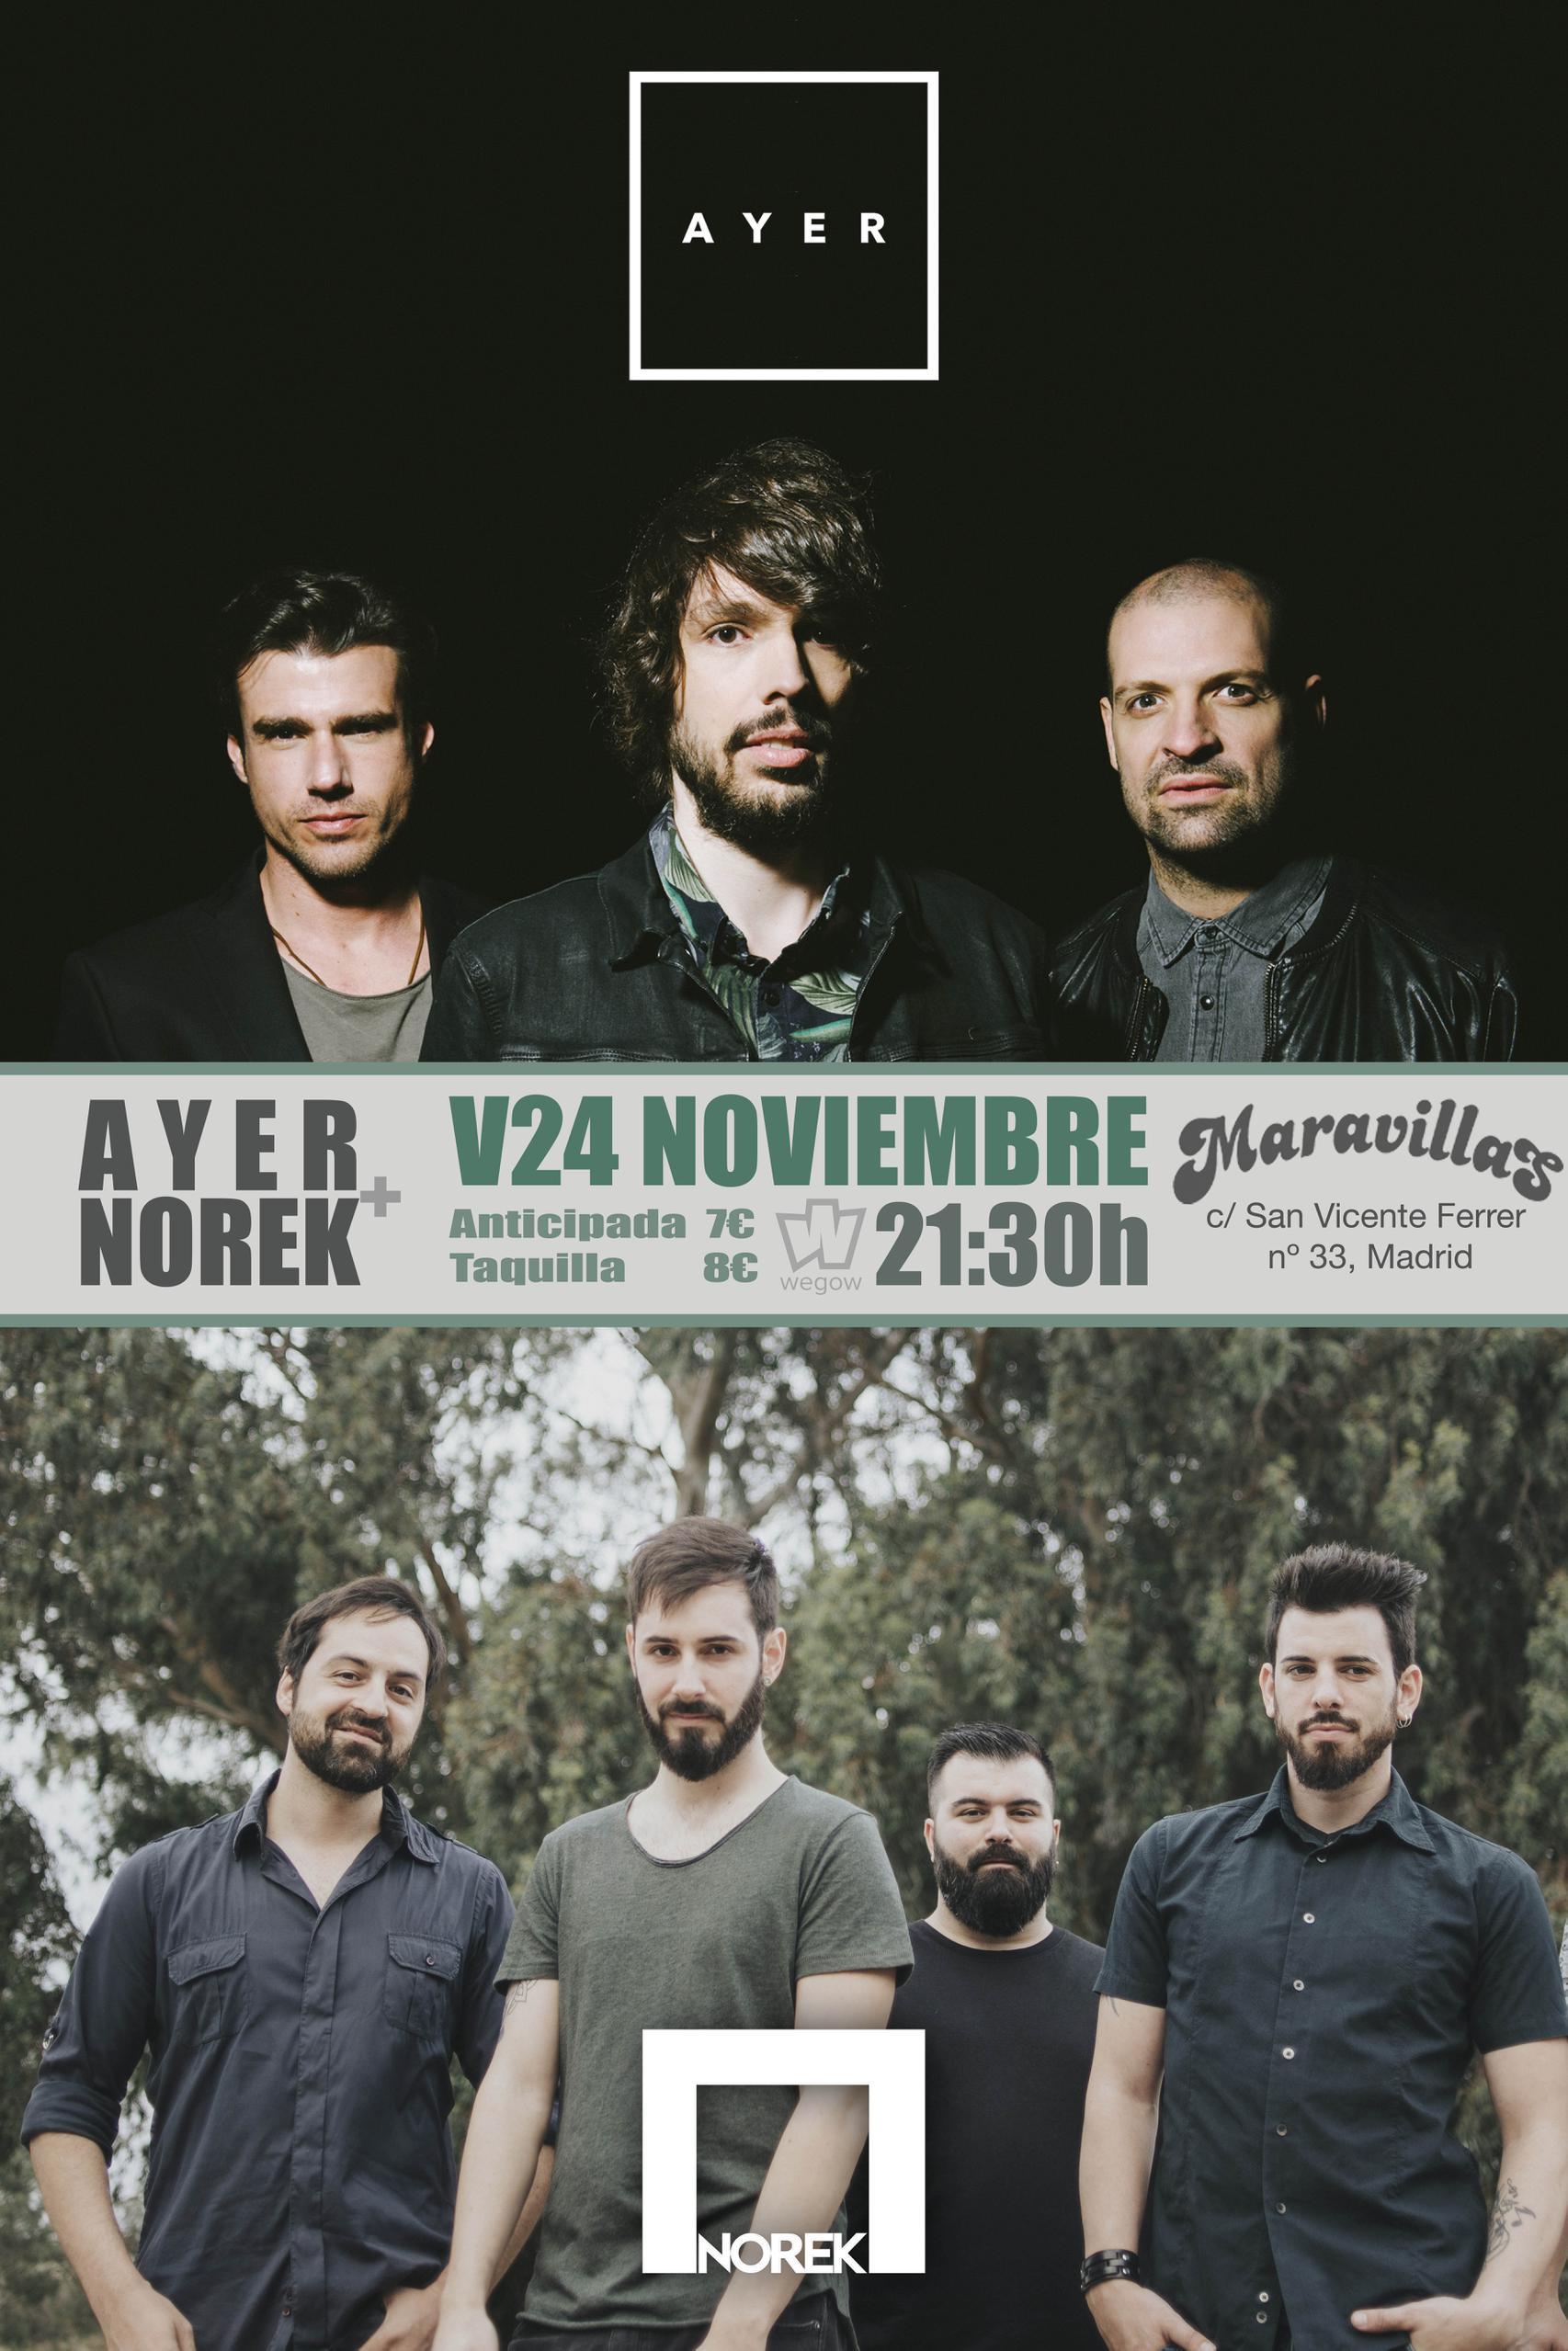 Concierto Sala Maravillas 24 Noviembre